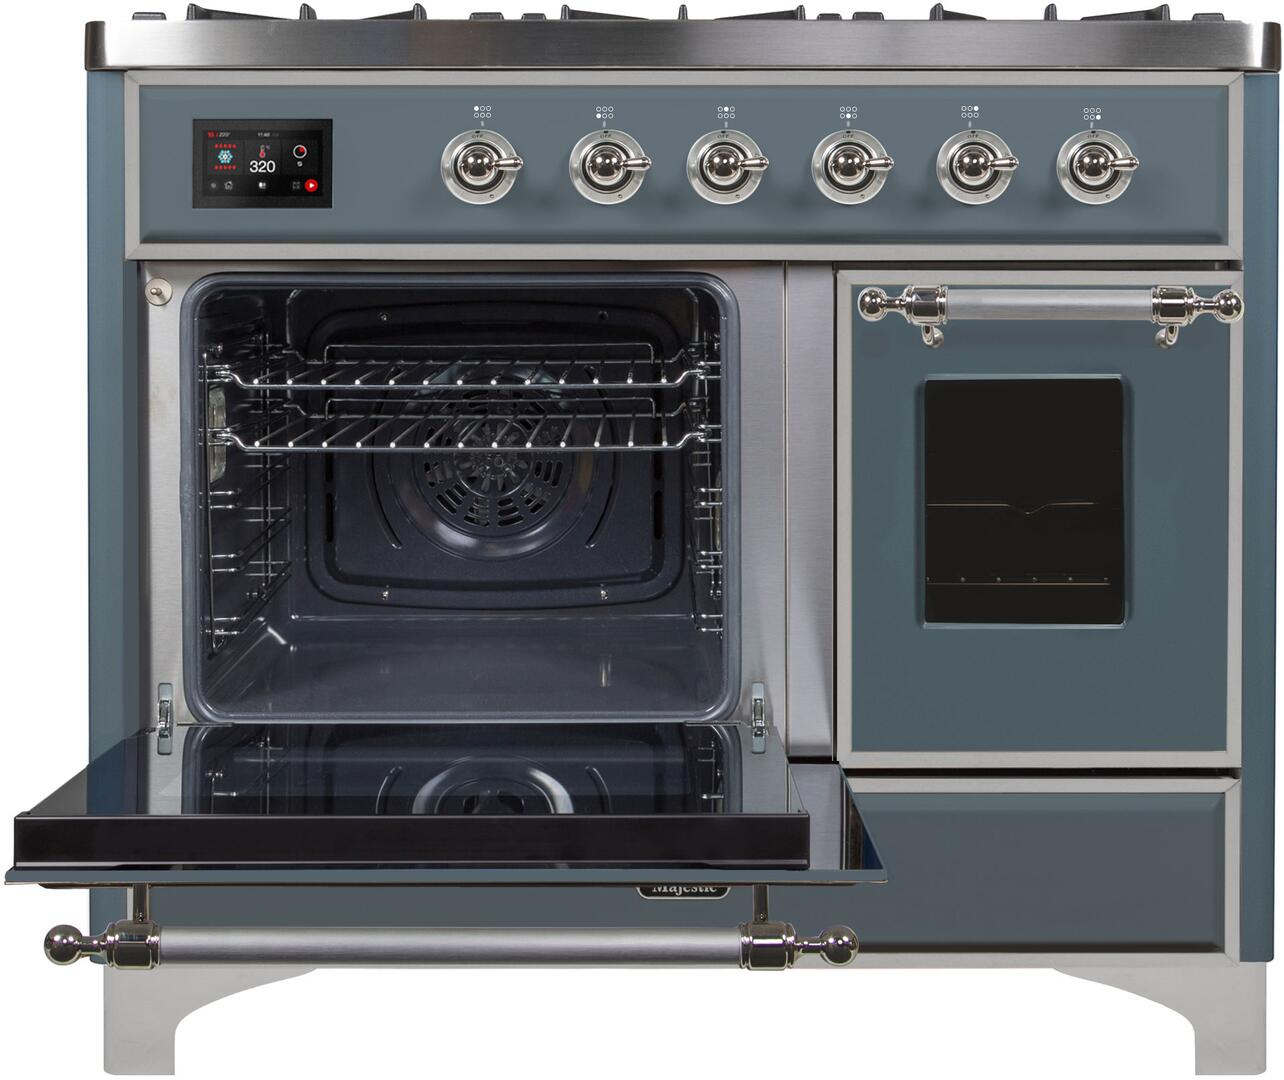 Ilve Majestic II UMD10FDNS3BGC Freestanding Dual Fuel Range , UMD10FDNS3GUC Main Oven Door Opened